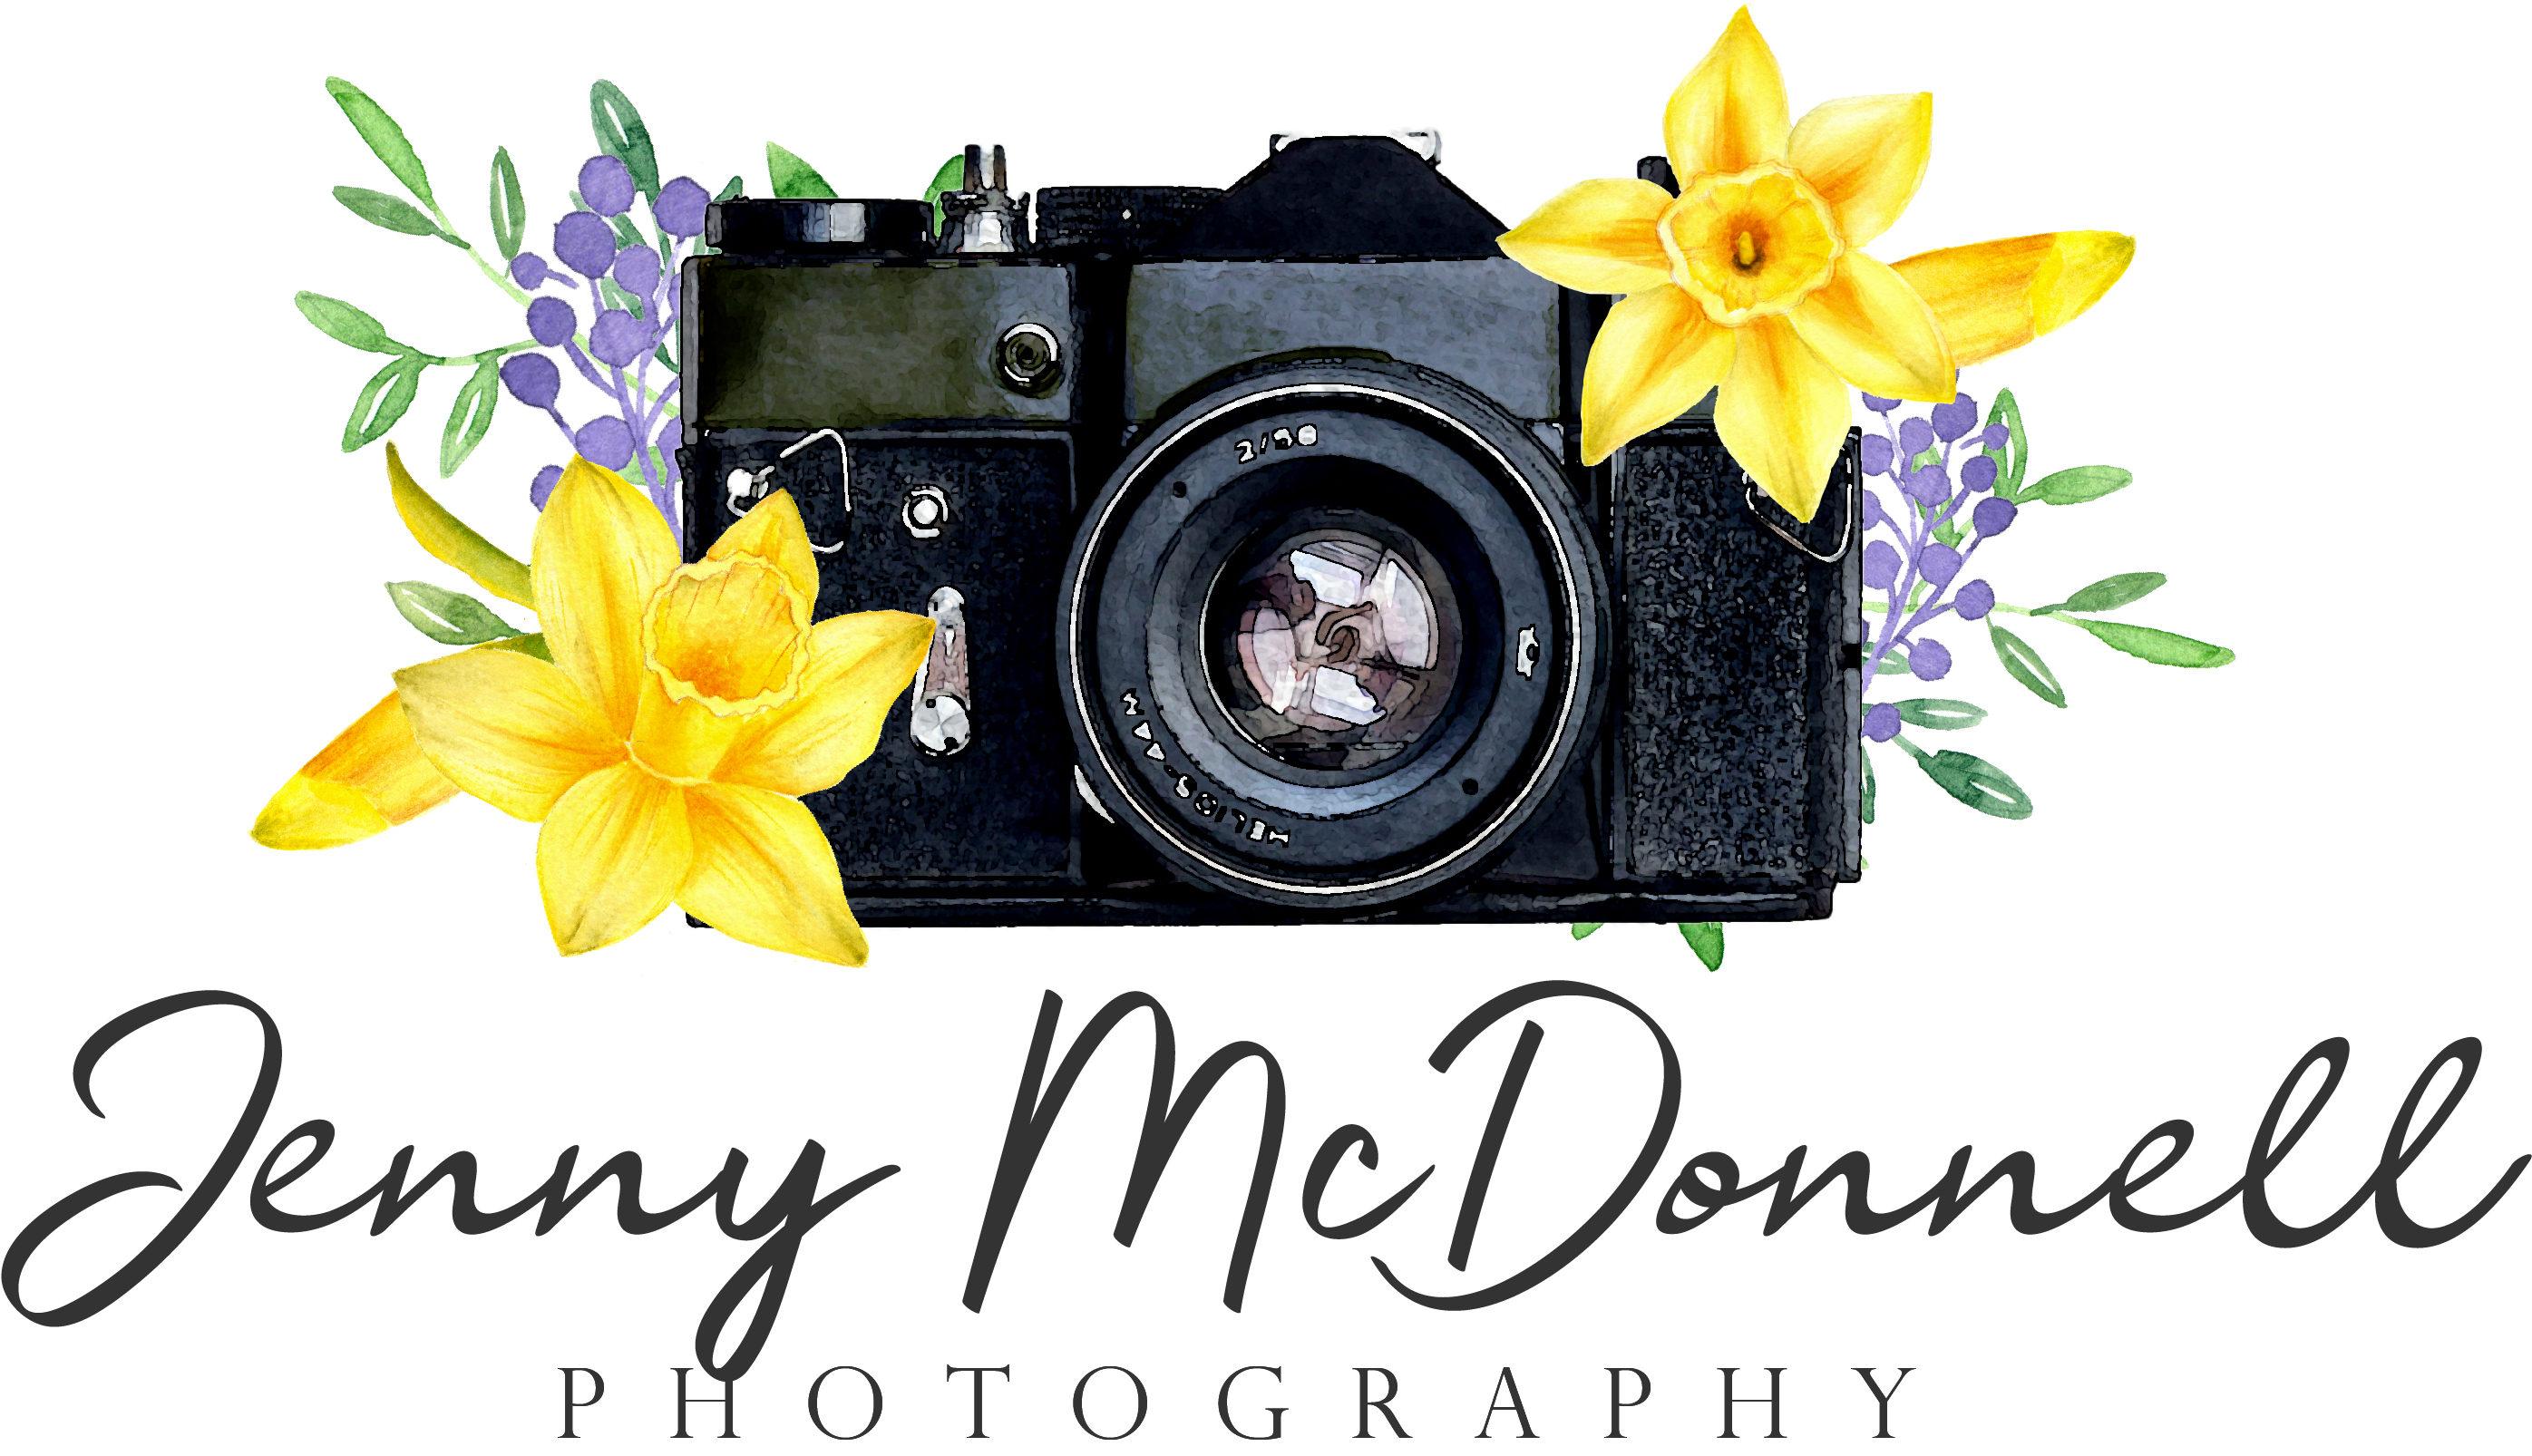 Jenny McDonnell Photography